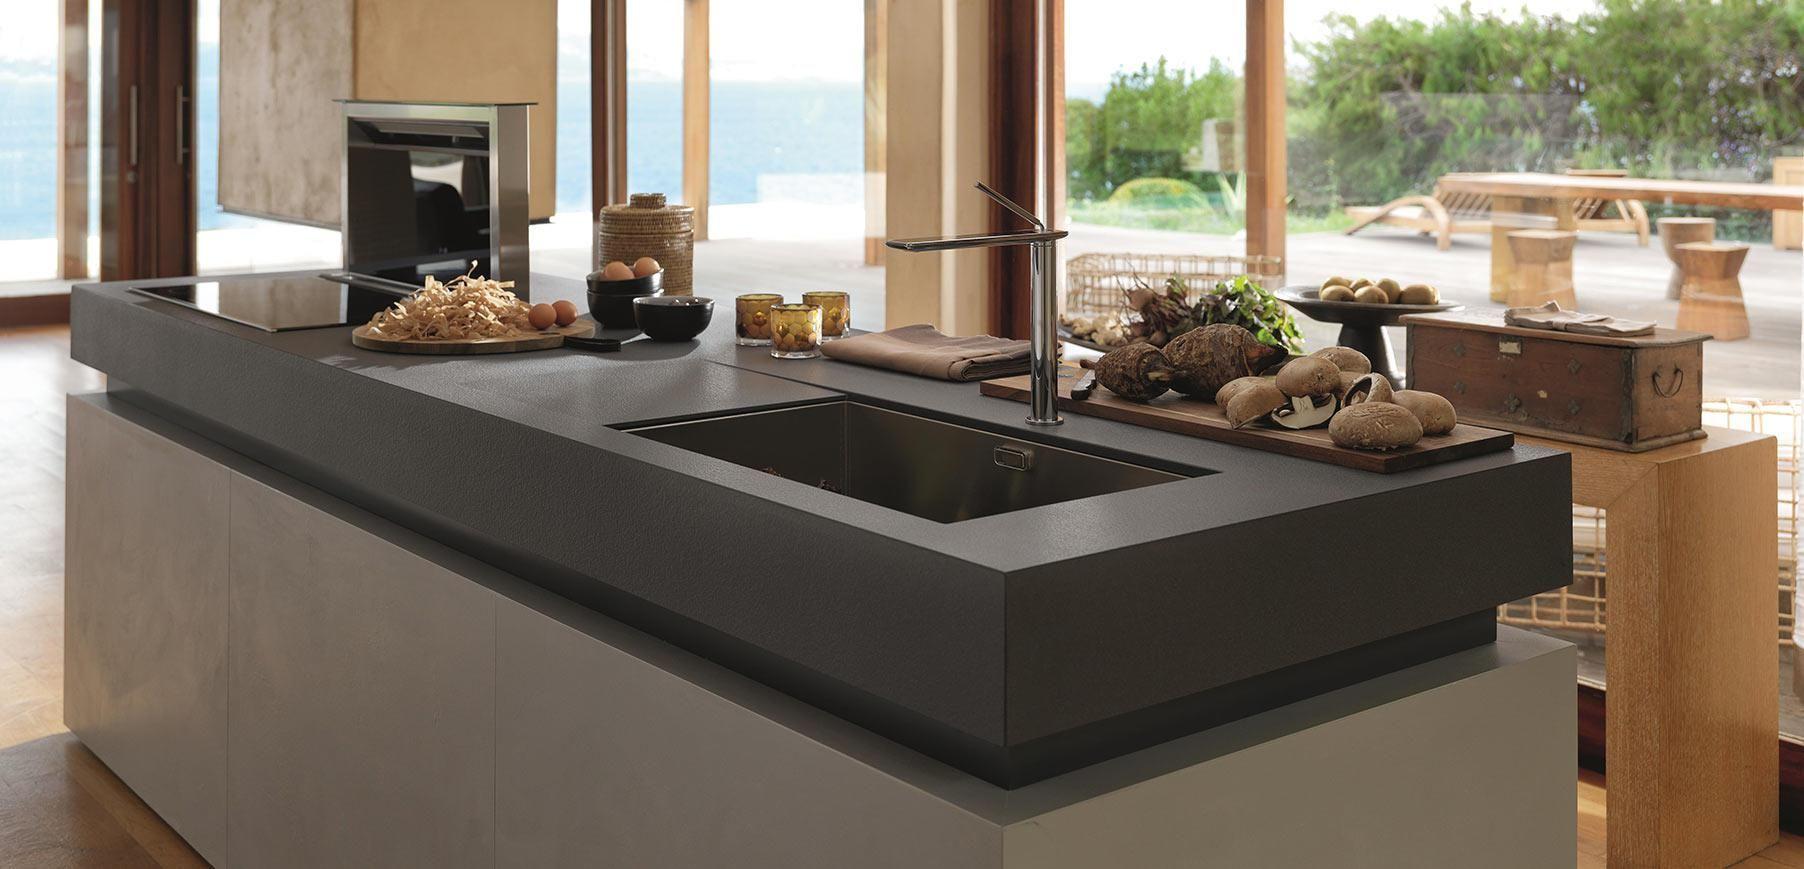 pas d vier sans robinet franke robinets life franke fr pinterest. Black Bedroom Furniture Sets. Home Design Ideas